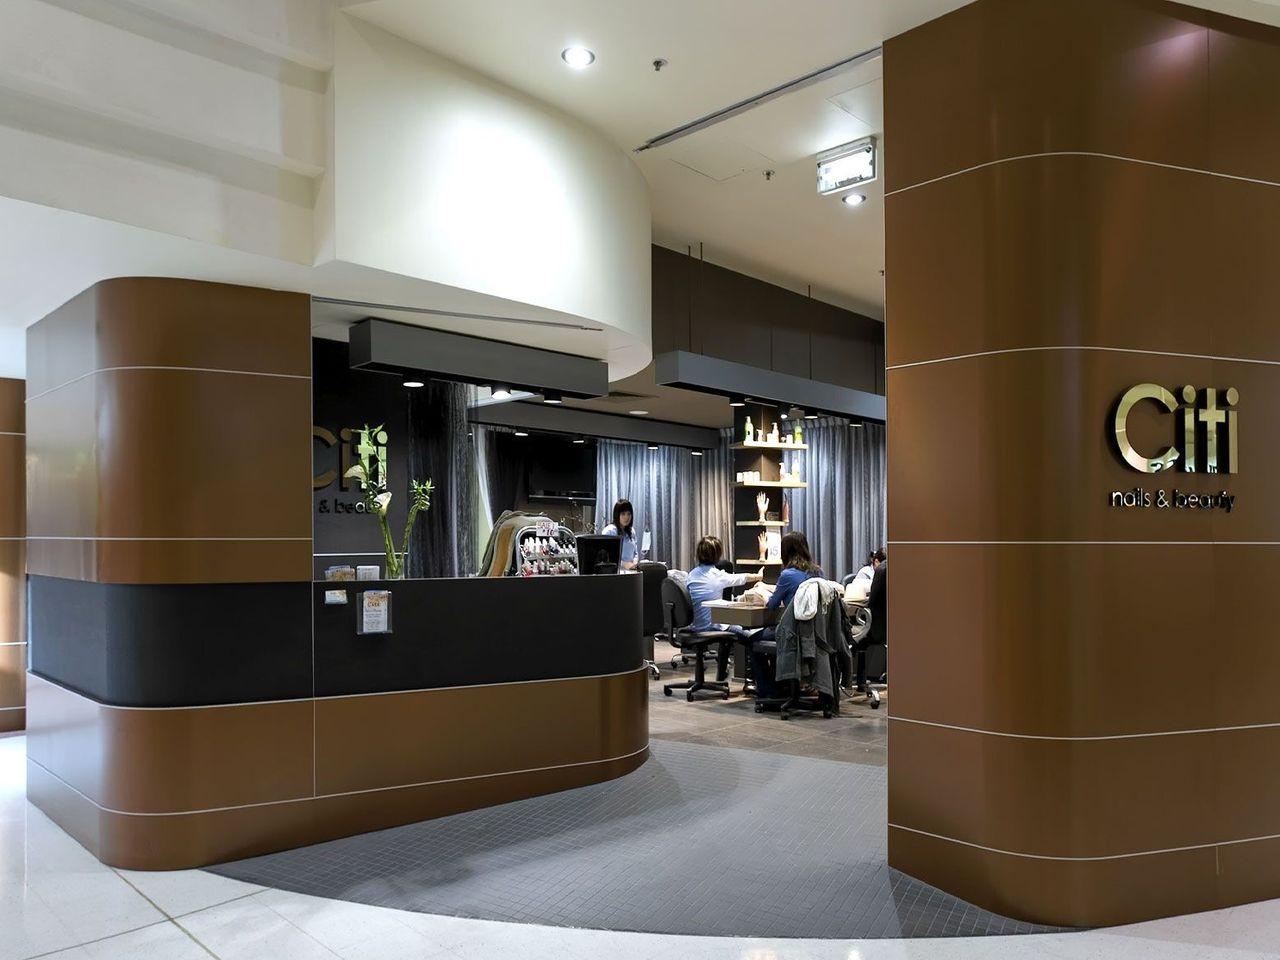 thyssenkrupp afdeling design, reclamesector en visuele communicatie.